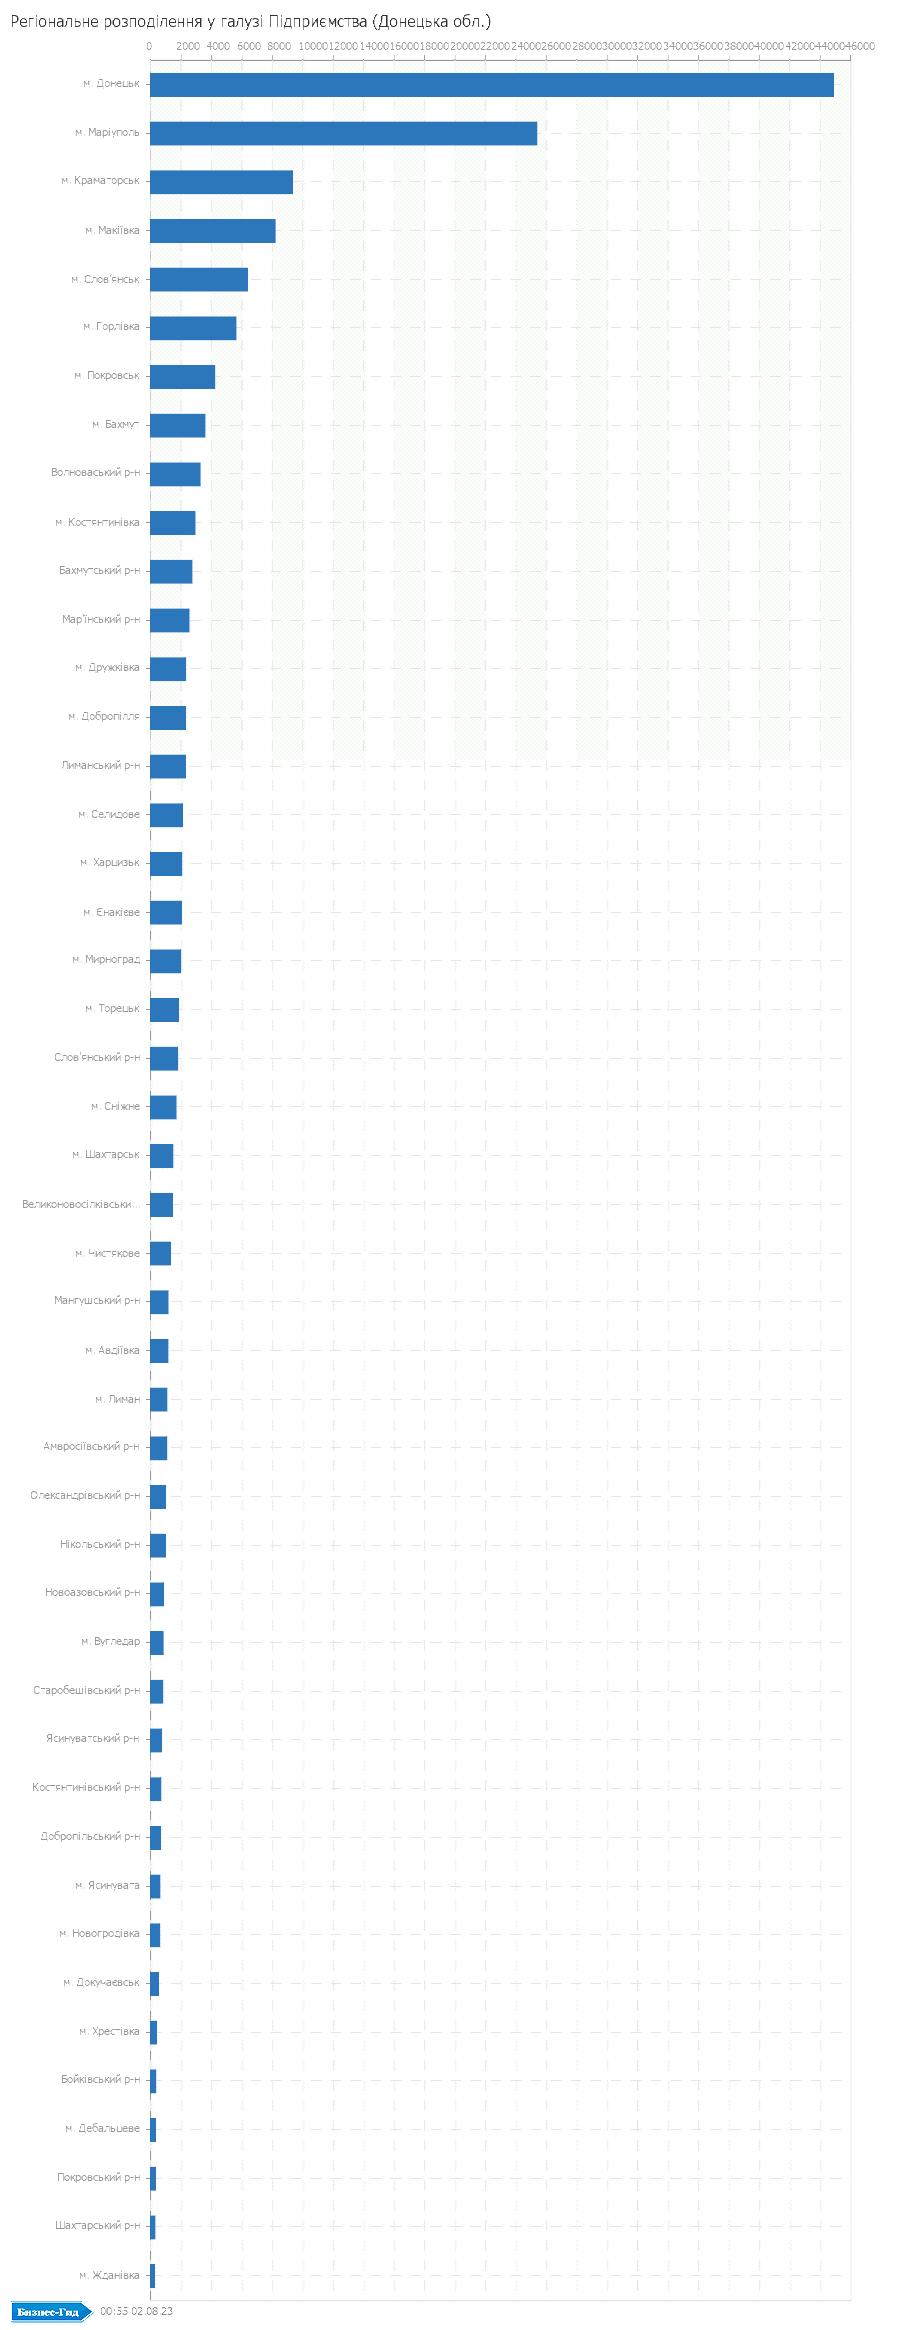 Регіональне розподілення у галузі: Підприємства (Донецька обл.)